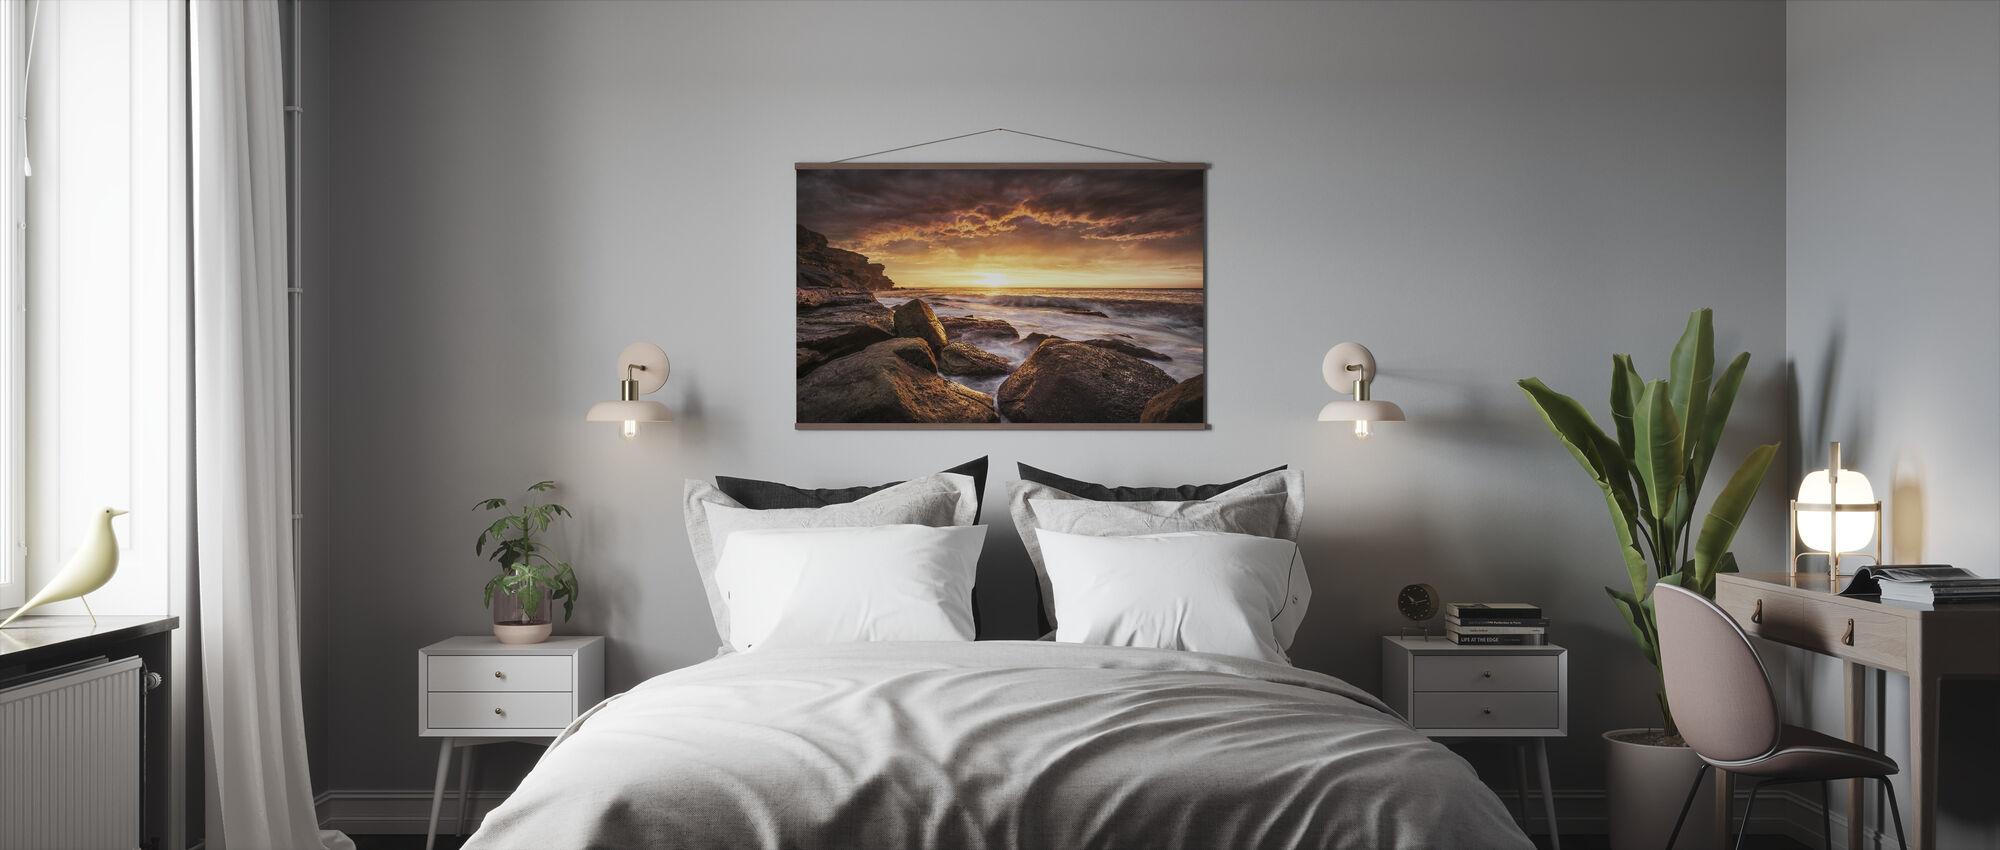 Cape Solander - Poster - Bedroom